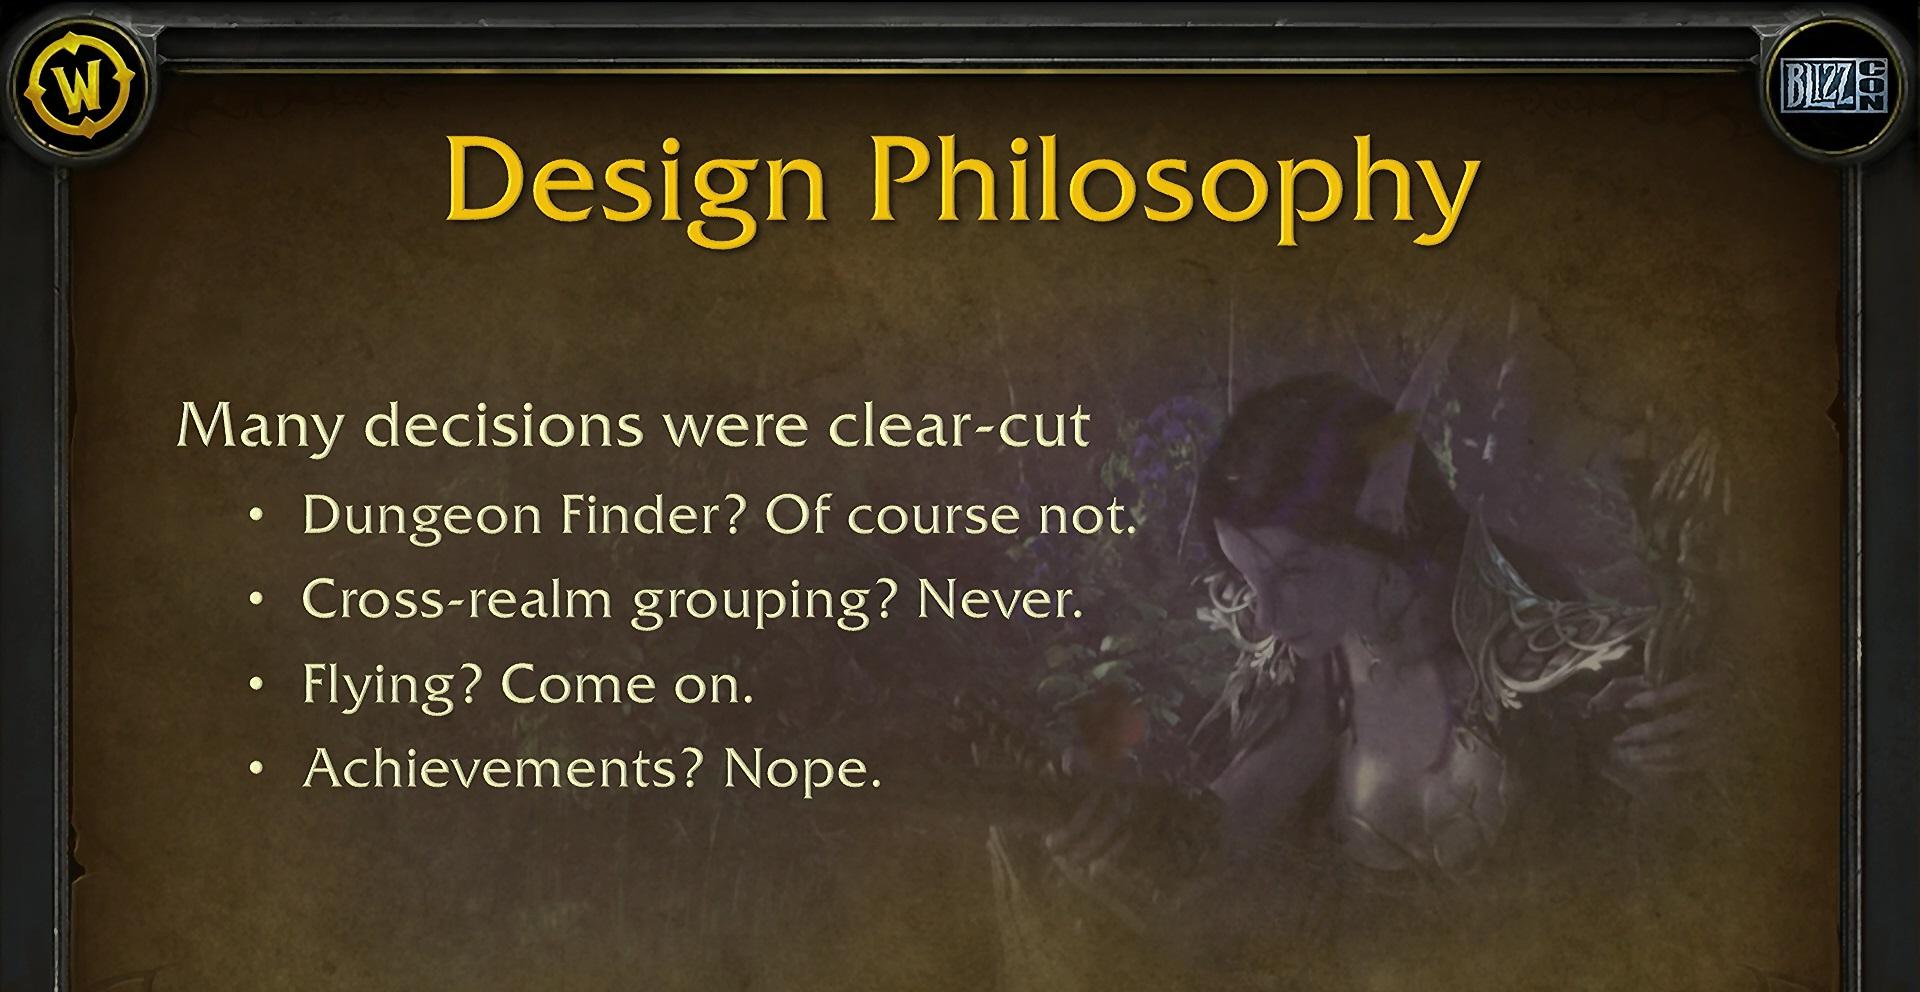 WoW Design Philosophy Dungeon Finder